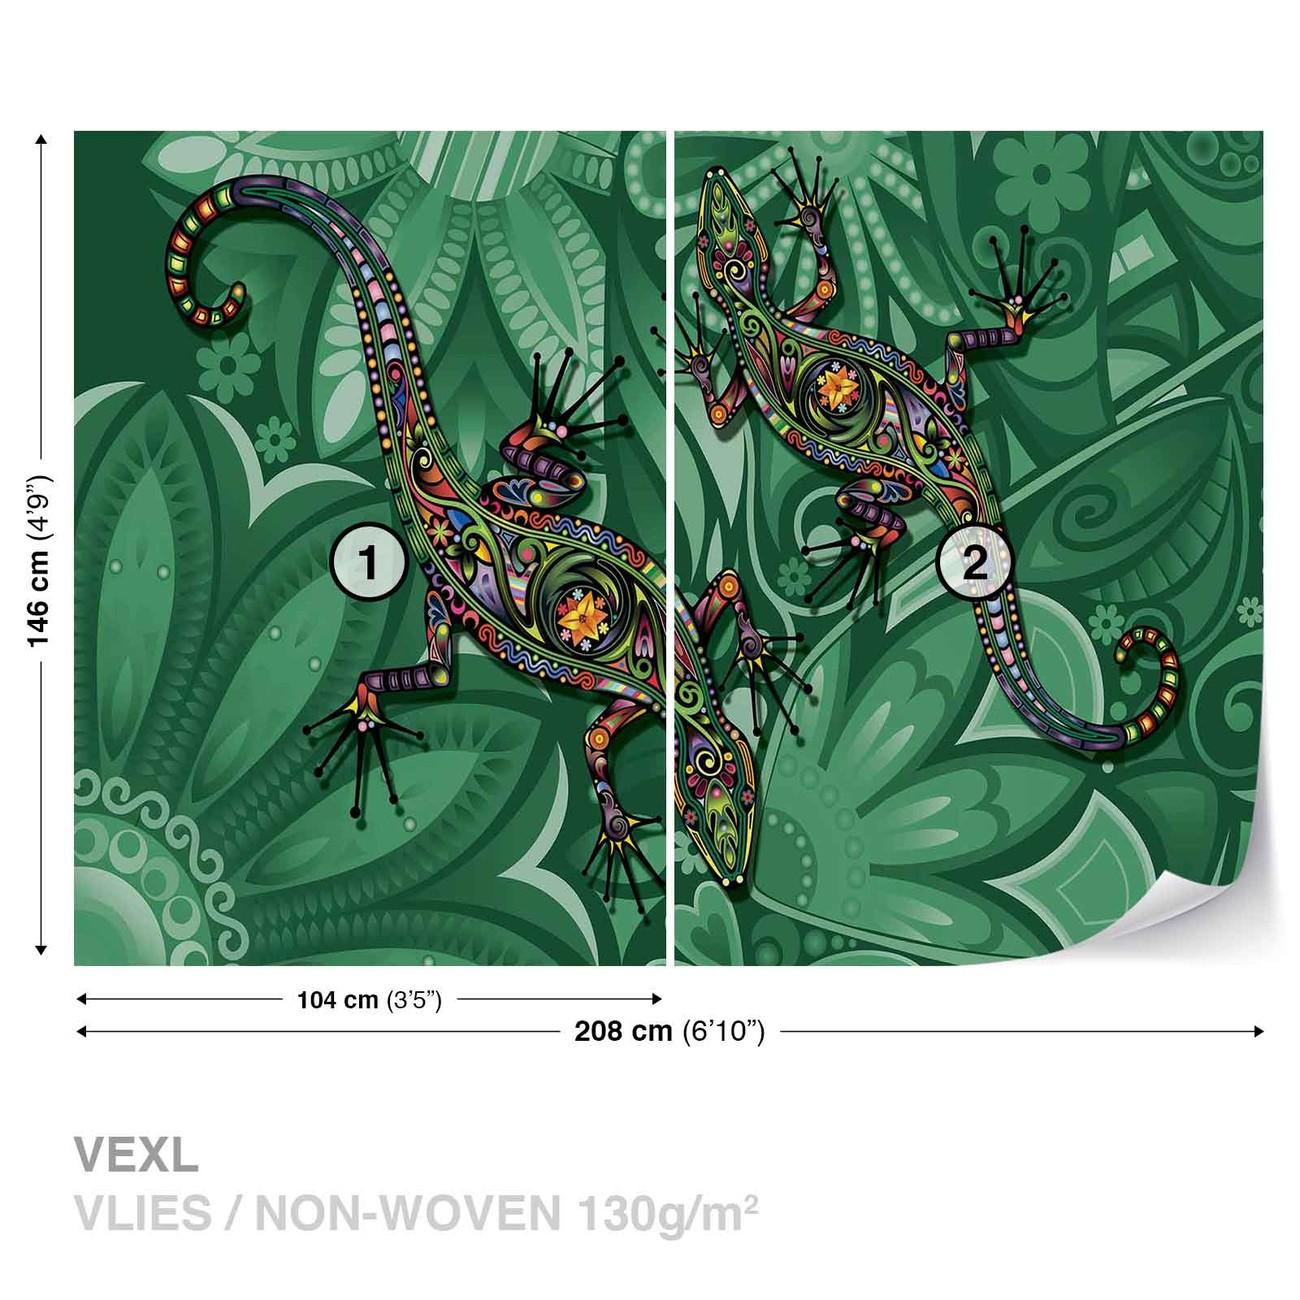 fleurs l zard couleurs abstraites poster mural papier peint acheter le sur. Black Bedroom Furniture Sets. Home Design Ideas